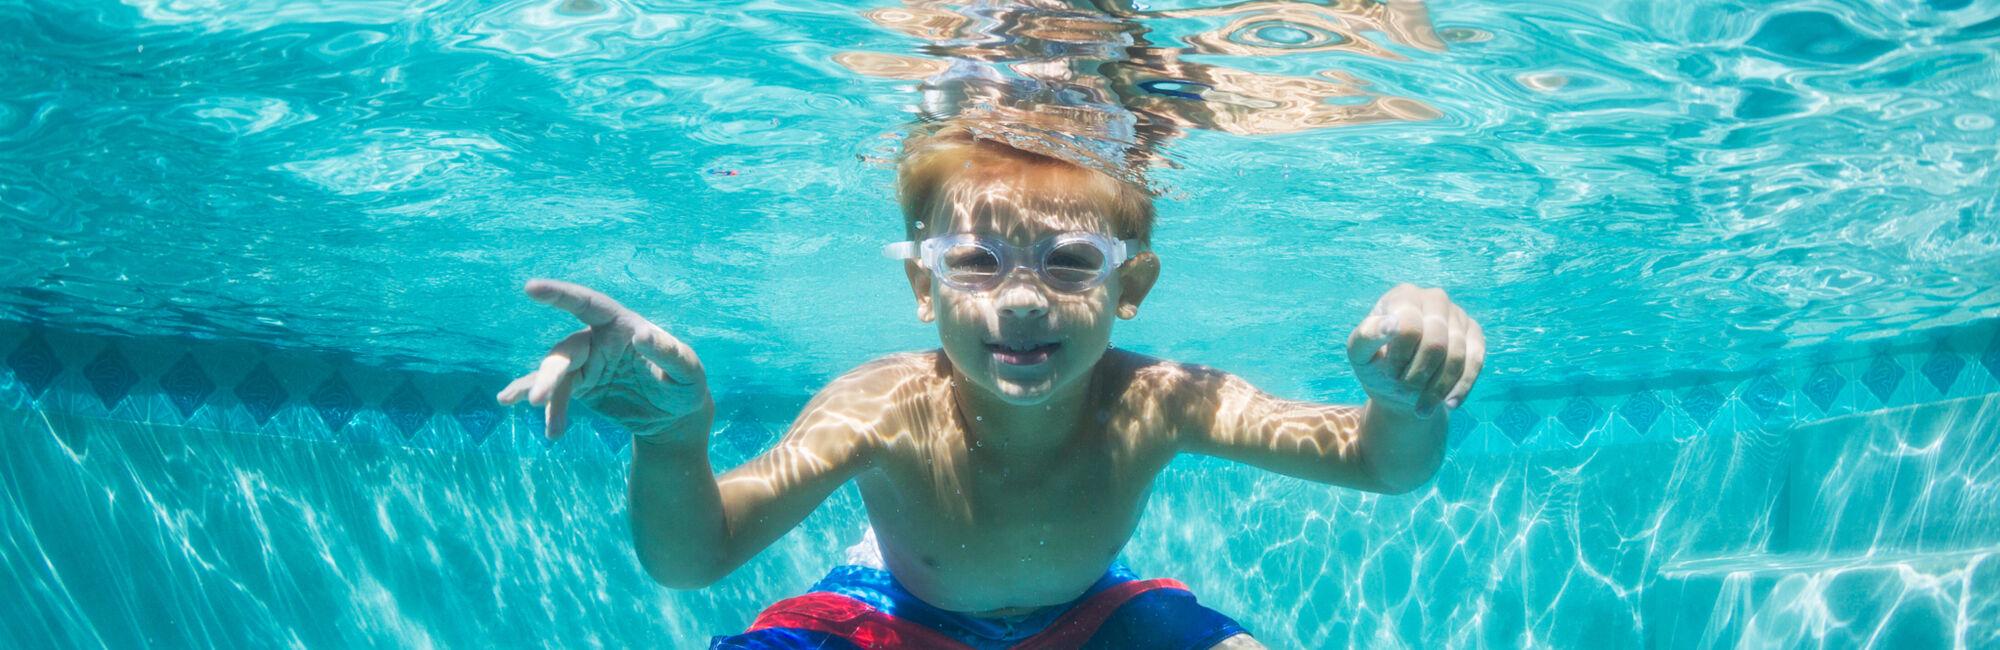 Headerbeeld familiezwemmen - Kind met duikbril onder water